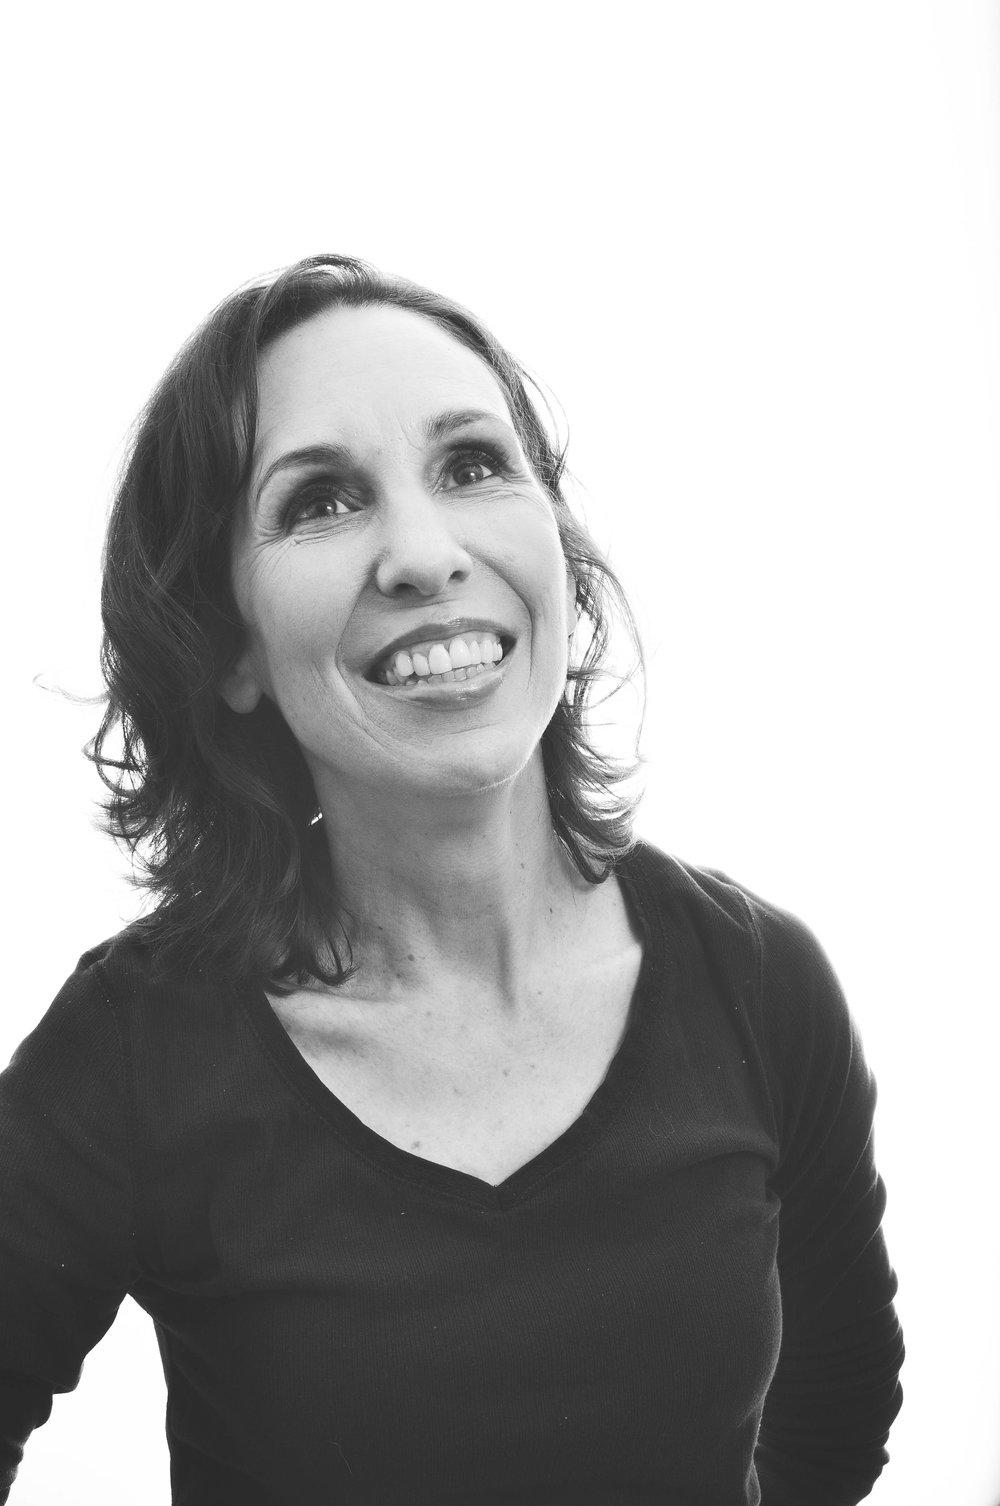 Jennifer Jill Schwirzer - Executive Producer, Composer, Singer, Songwriter, Guitarist, Pianist